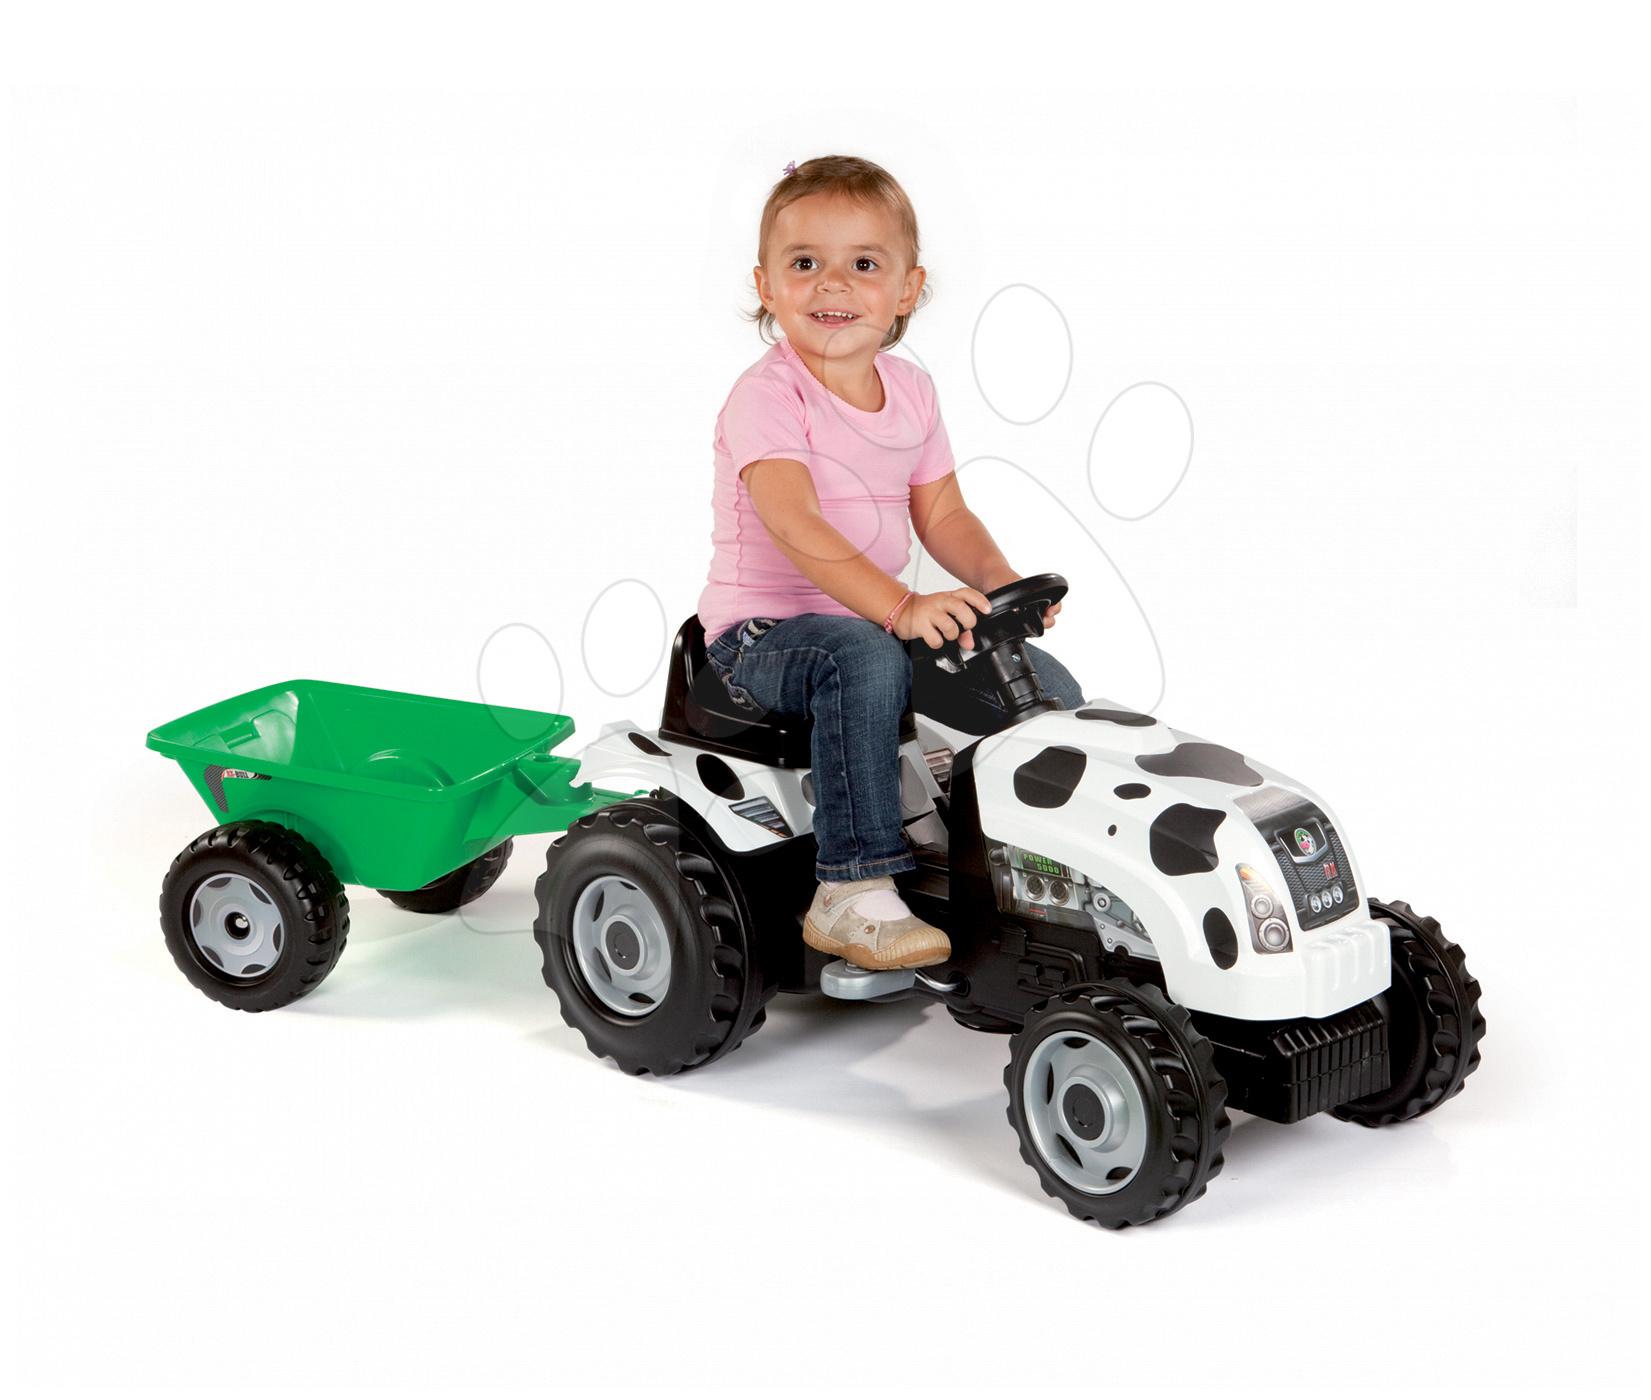 Otroška vozila na pedala - Traktor na pedala Bull Kravica Smoby s prikolico belo-črn